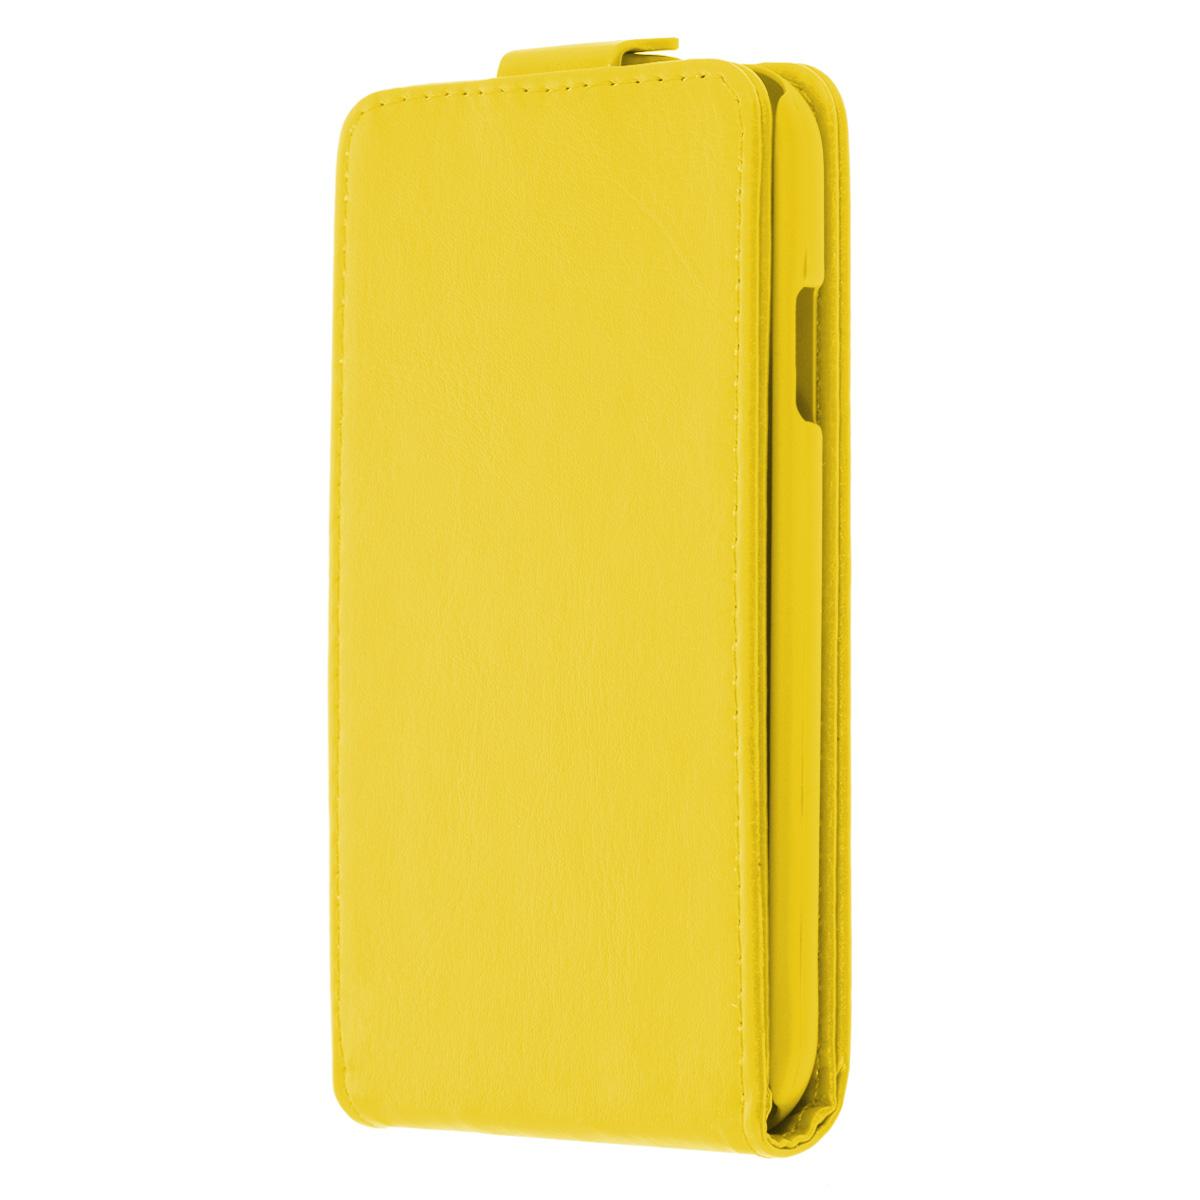 Skinbox Flip Case чехол для Samsung Galaxy S4, YellowT-F-SI9500Чехол Skinbox Flip Case выполнен из высококачественного поликарбоната и экокожи. Он надежно защитит ваше устройство от пыли, влаги и механических повреждений. Обеспечивает свободный доступ ко всем разъемам и клавишам смартфона.